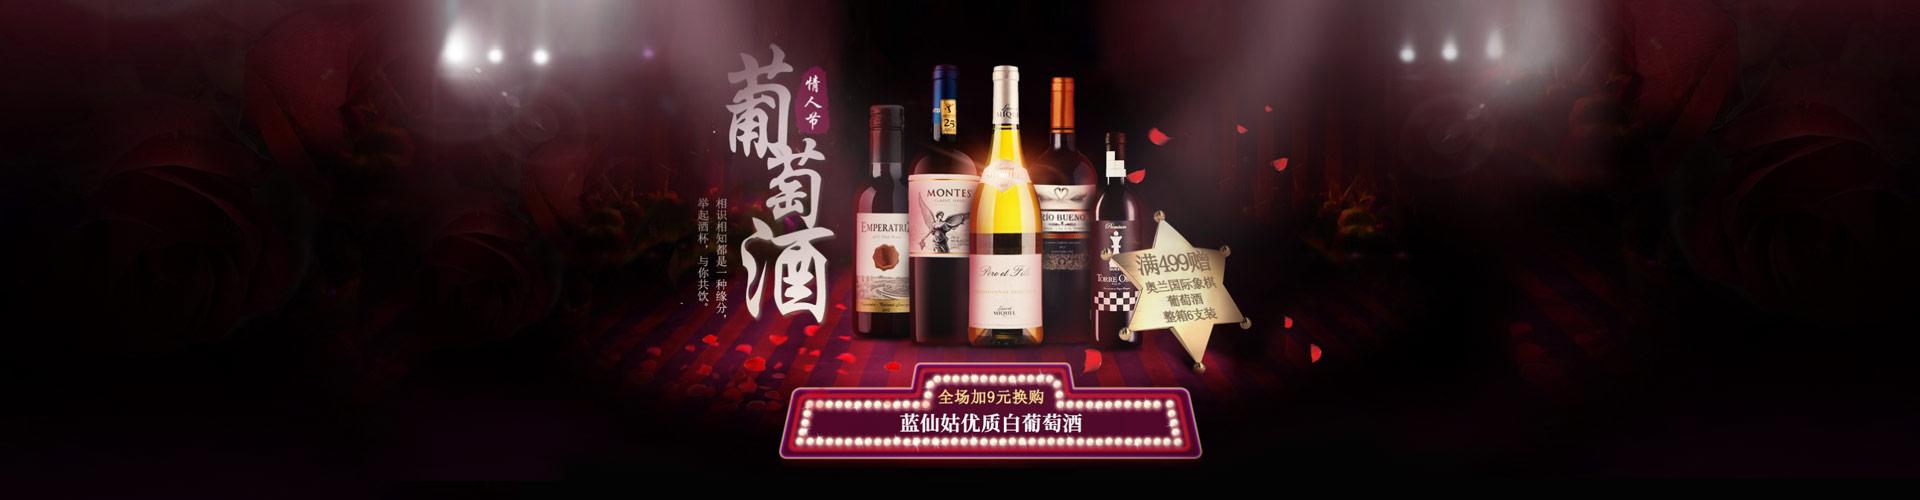 葡萄酒情人节